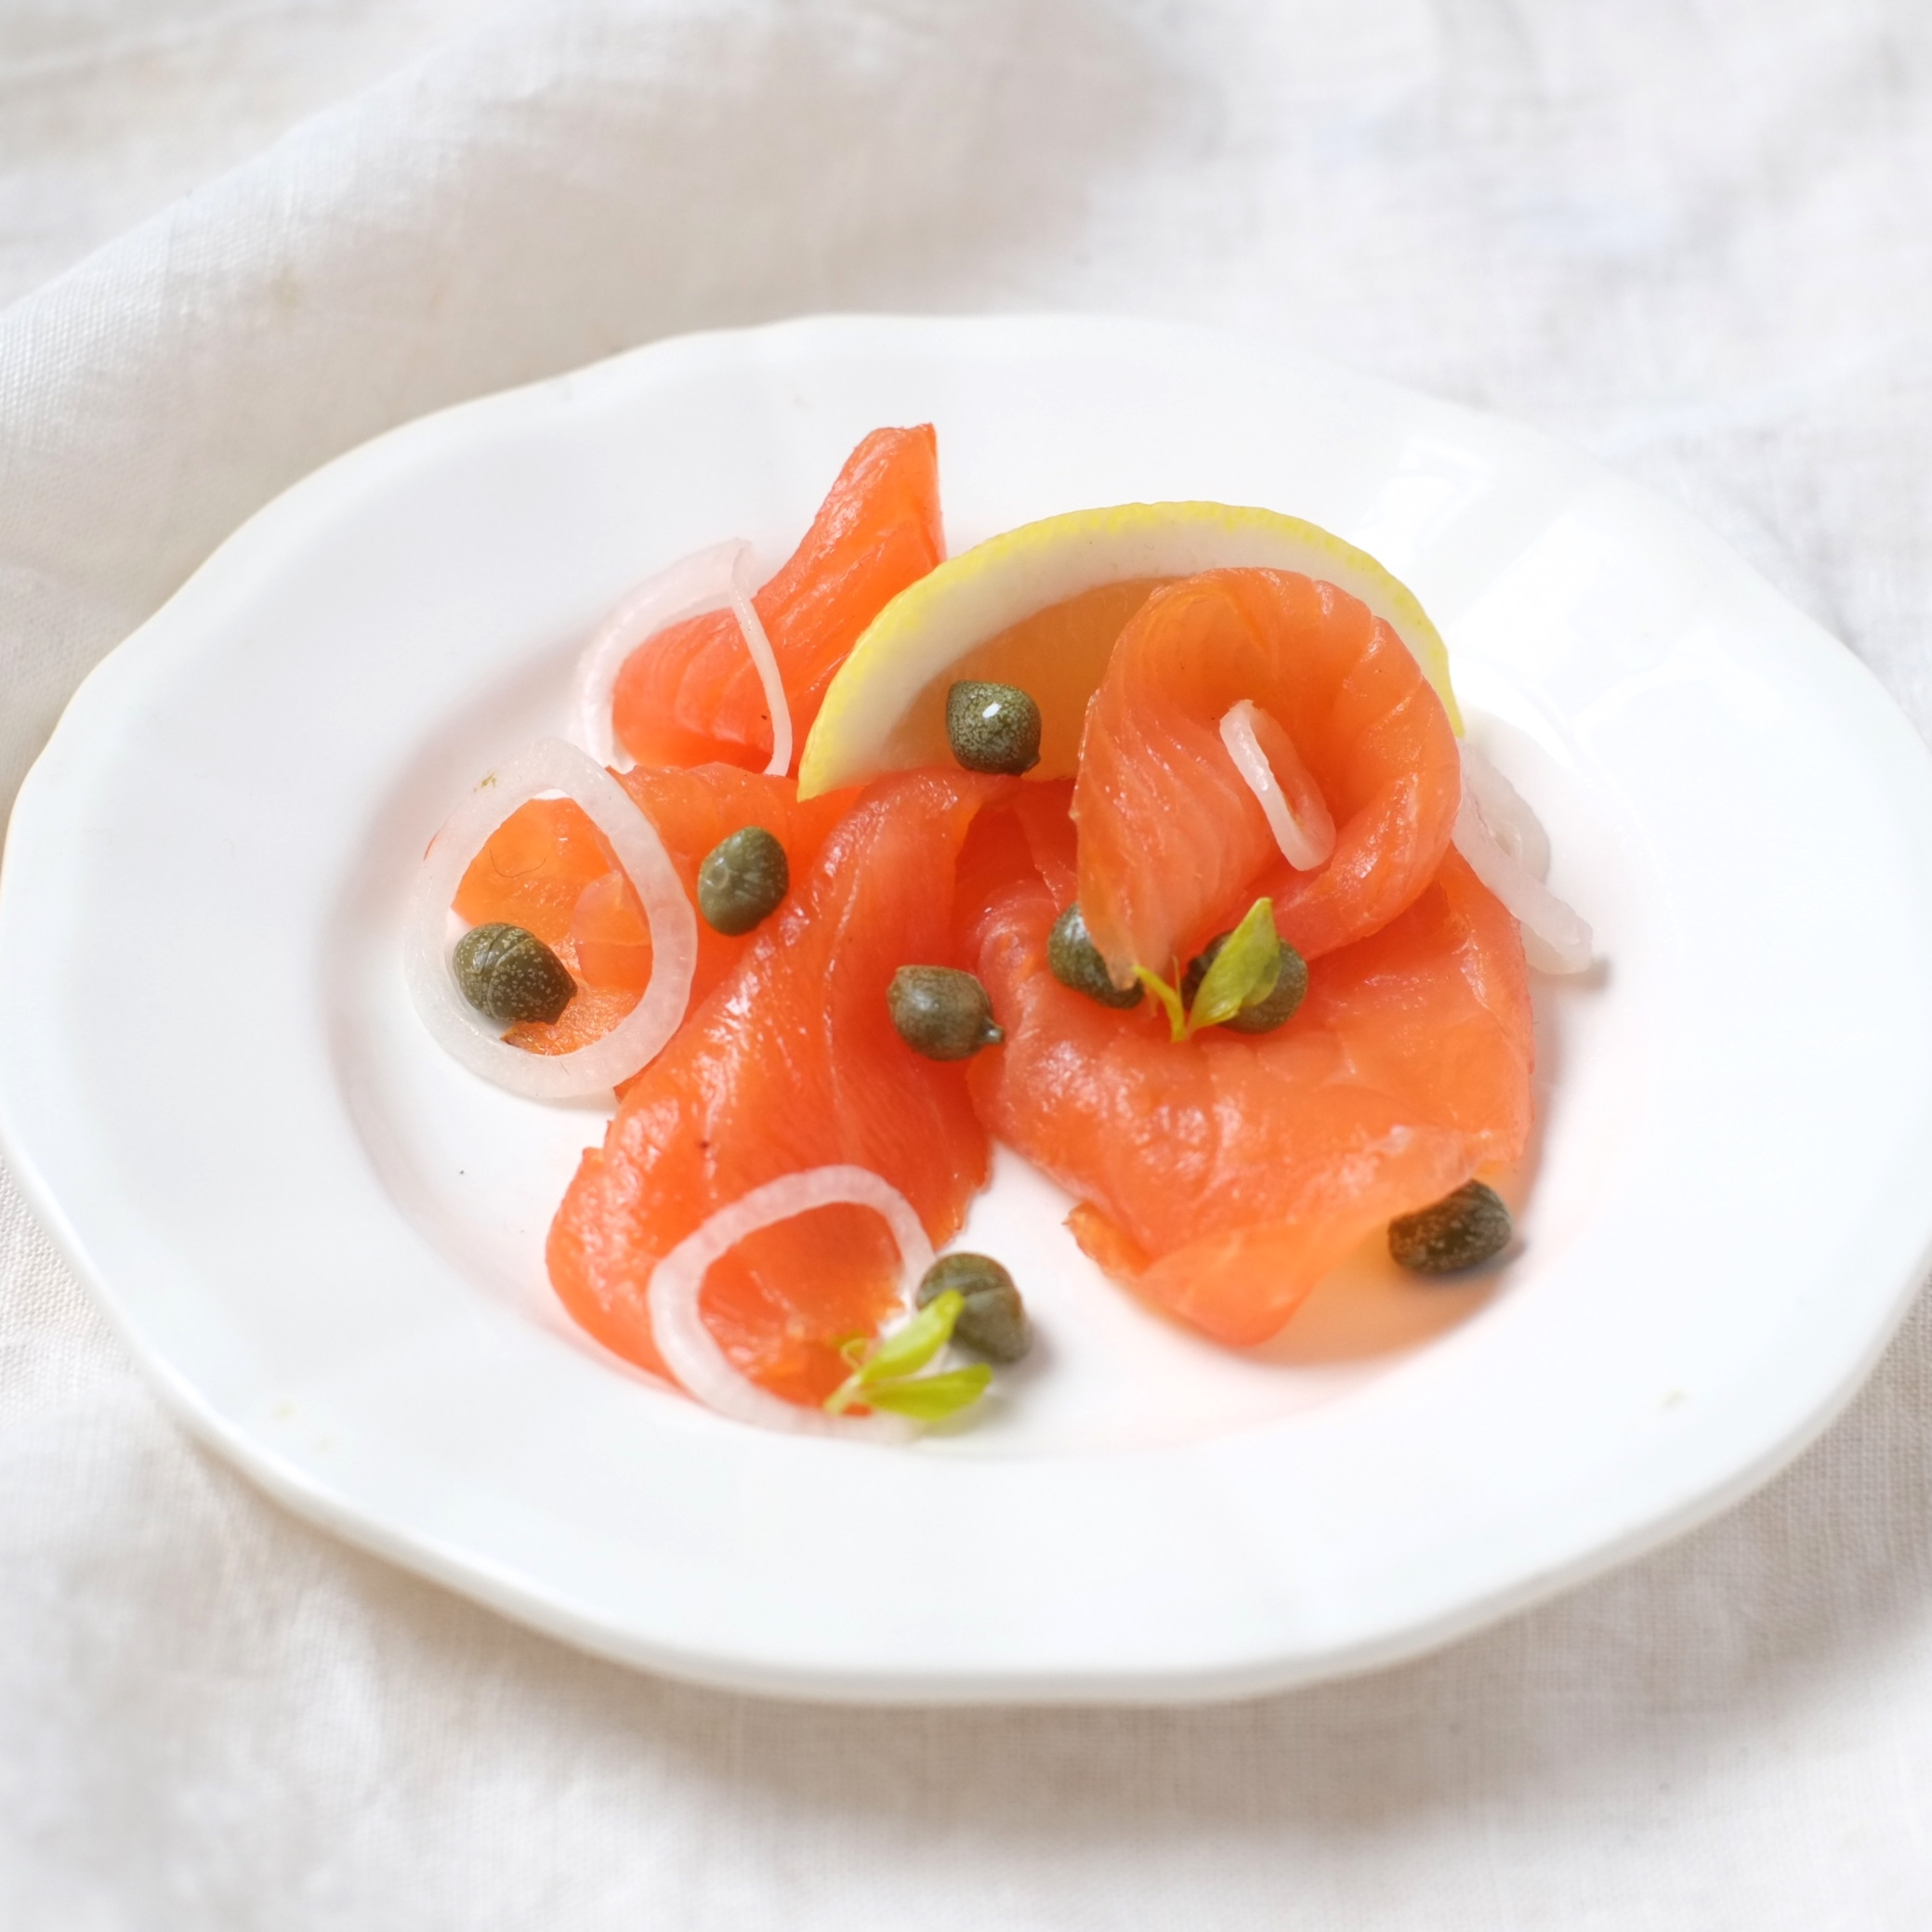 Saumon fumé, câpres et oignon rouge en rondelle